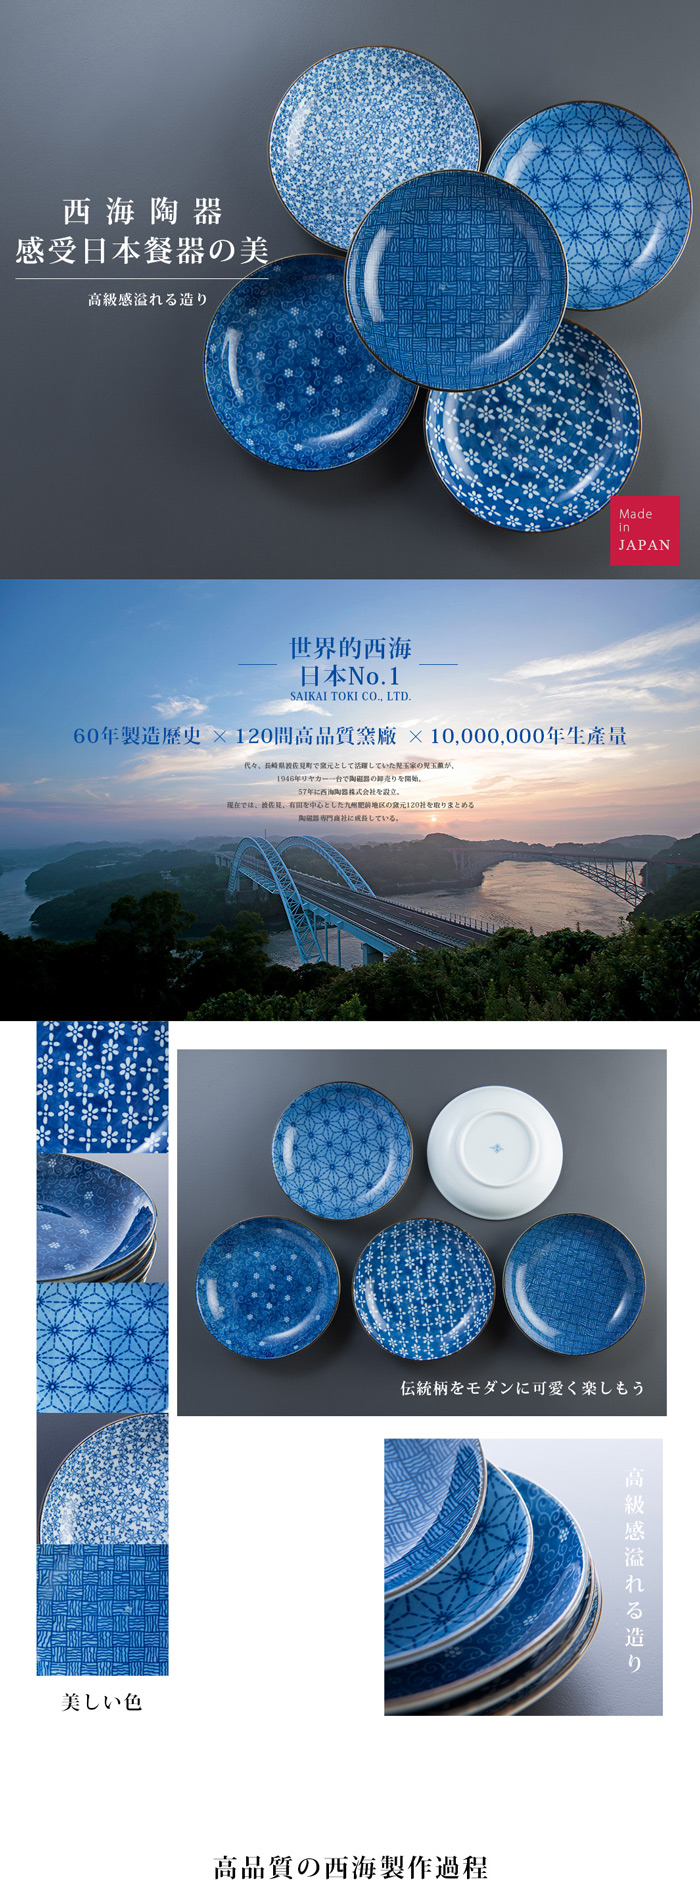 西海陶器|日本美濃燒 輕量雅菊五件式中圓盤組